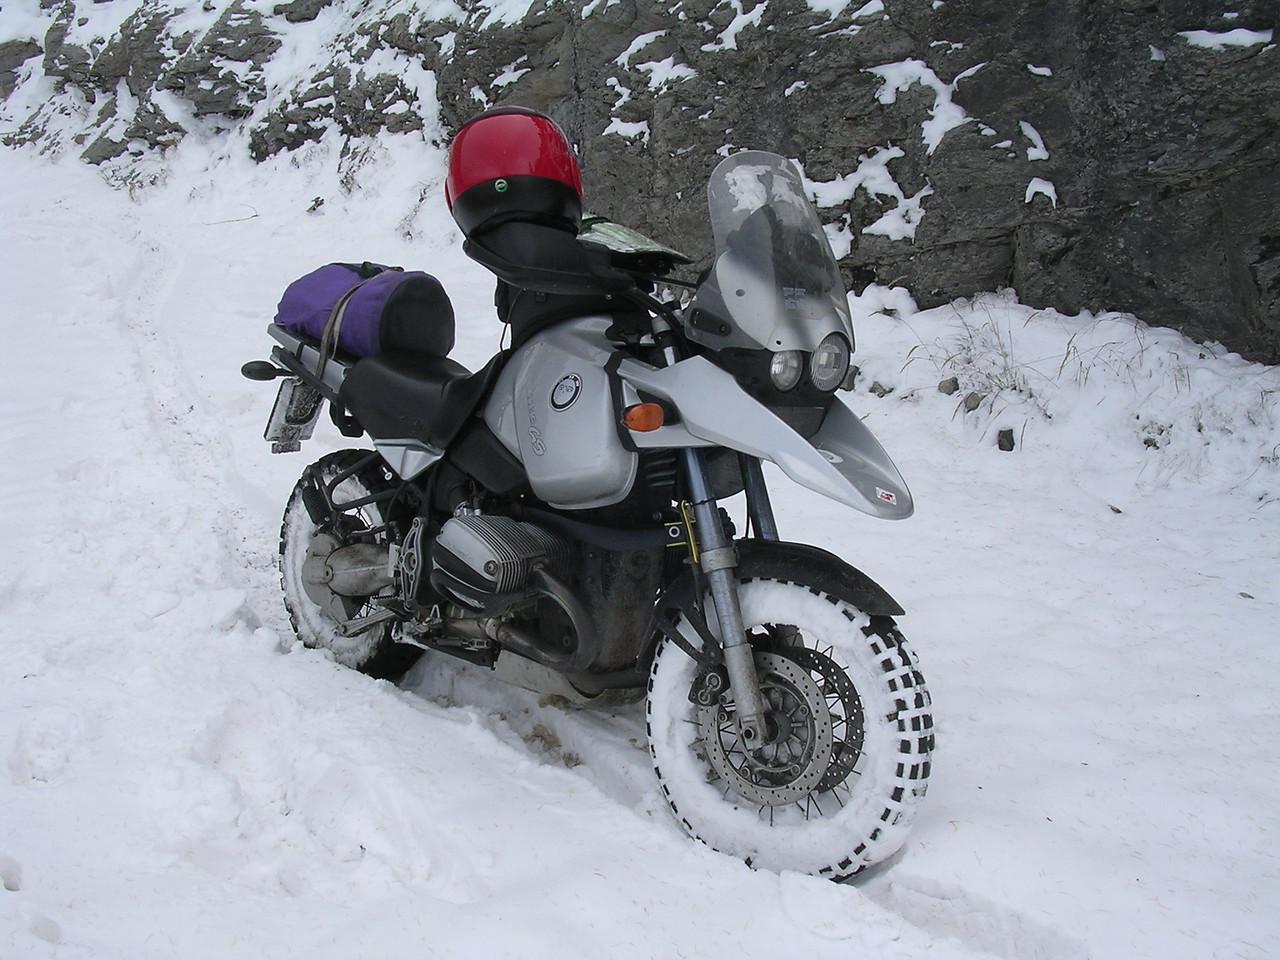 Angstaanjagende sneeuwpartij. Dat besefte ik pas na een schuivertje